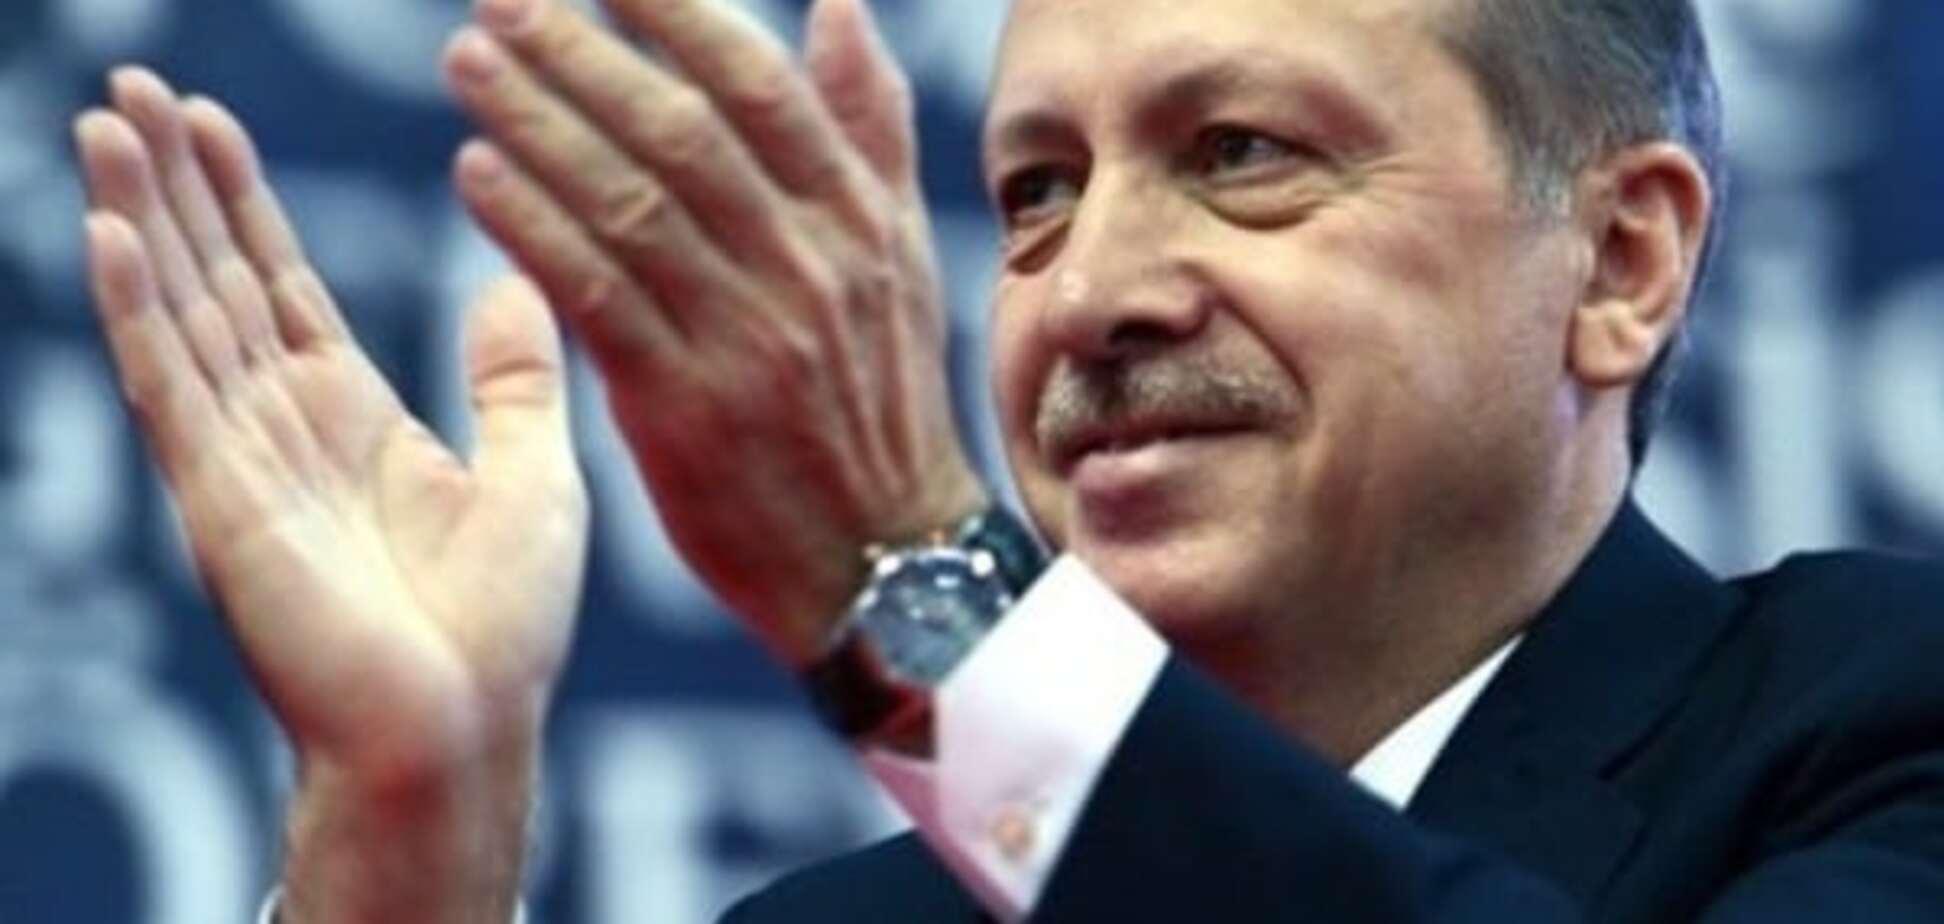 'Ердоган під*рас': у Криму відмічено 'патріотичне' авто